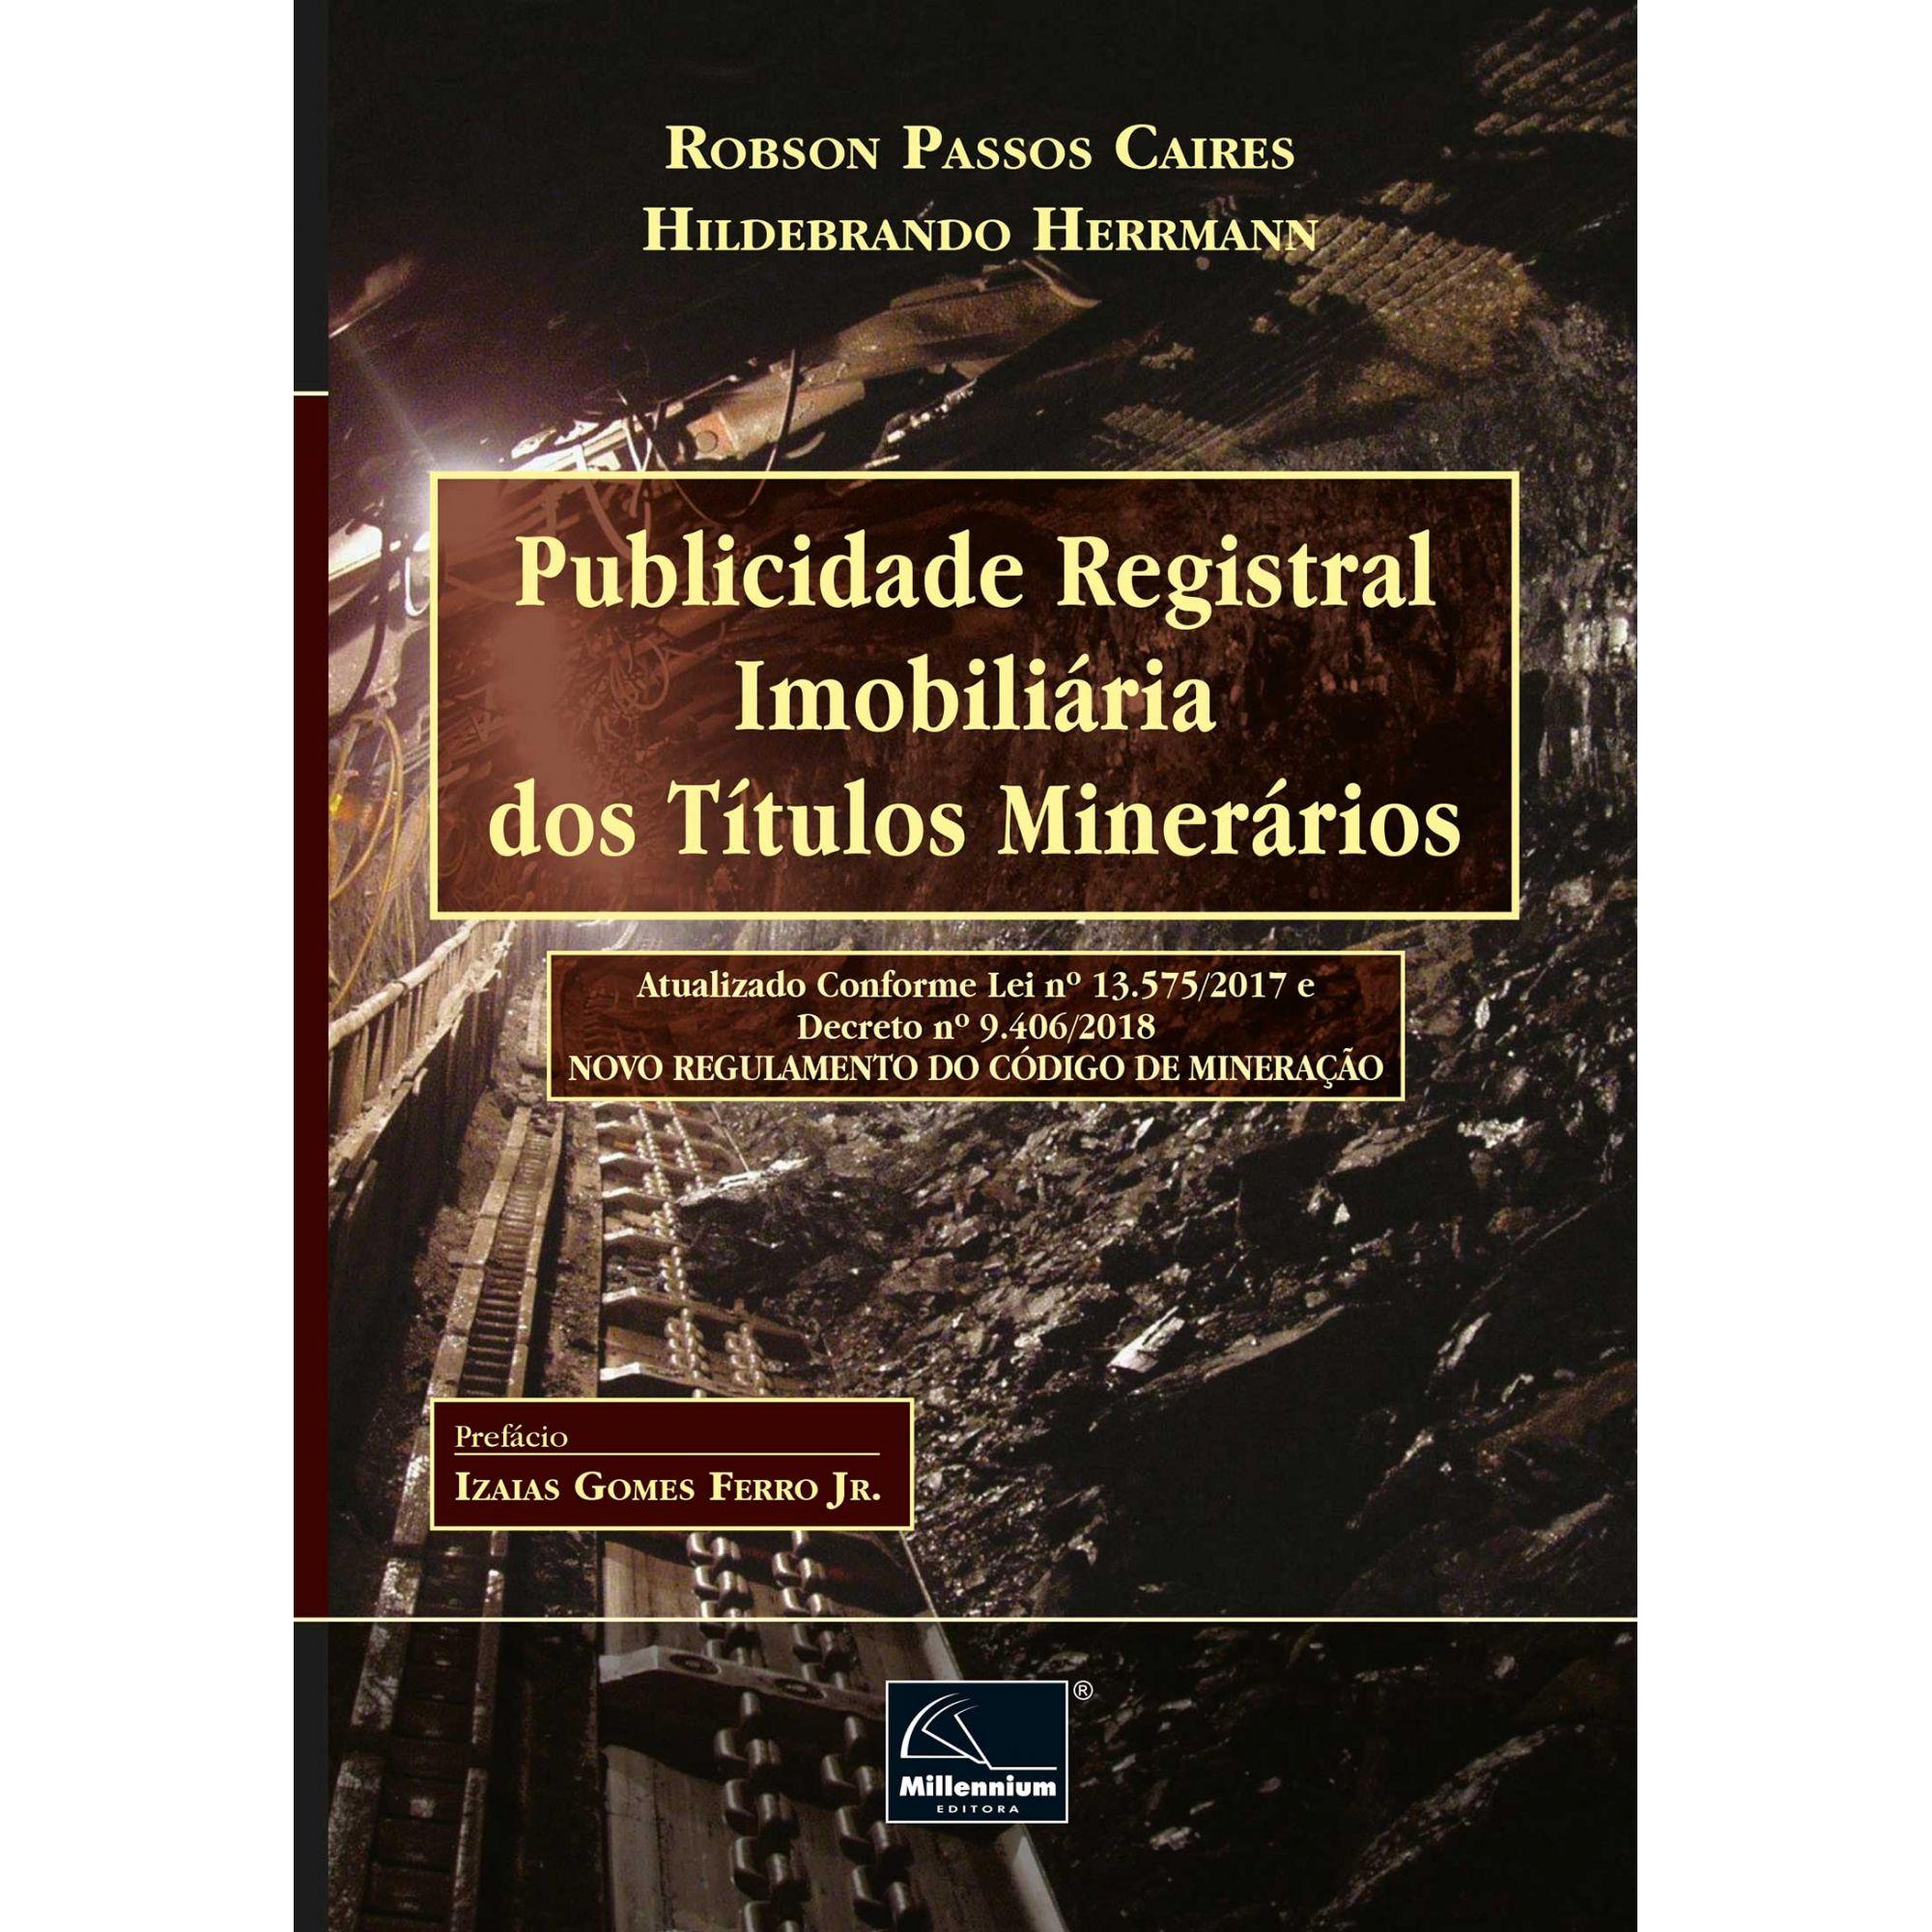 Publicidade Registral Imobiliária dos Títulos Minerários <b>Autores: Robson Passos Caires - Hildebrando Herrmann</b>  - Millennium Editora - Livros de Perícia